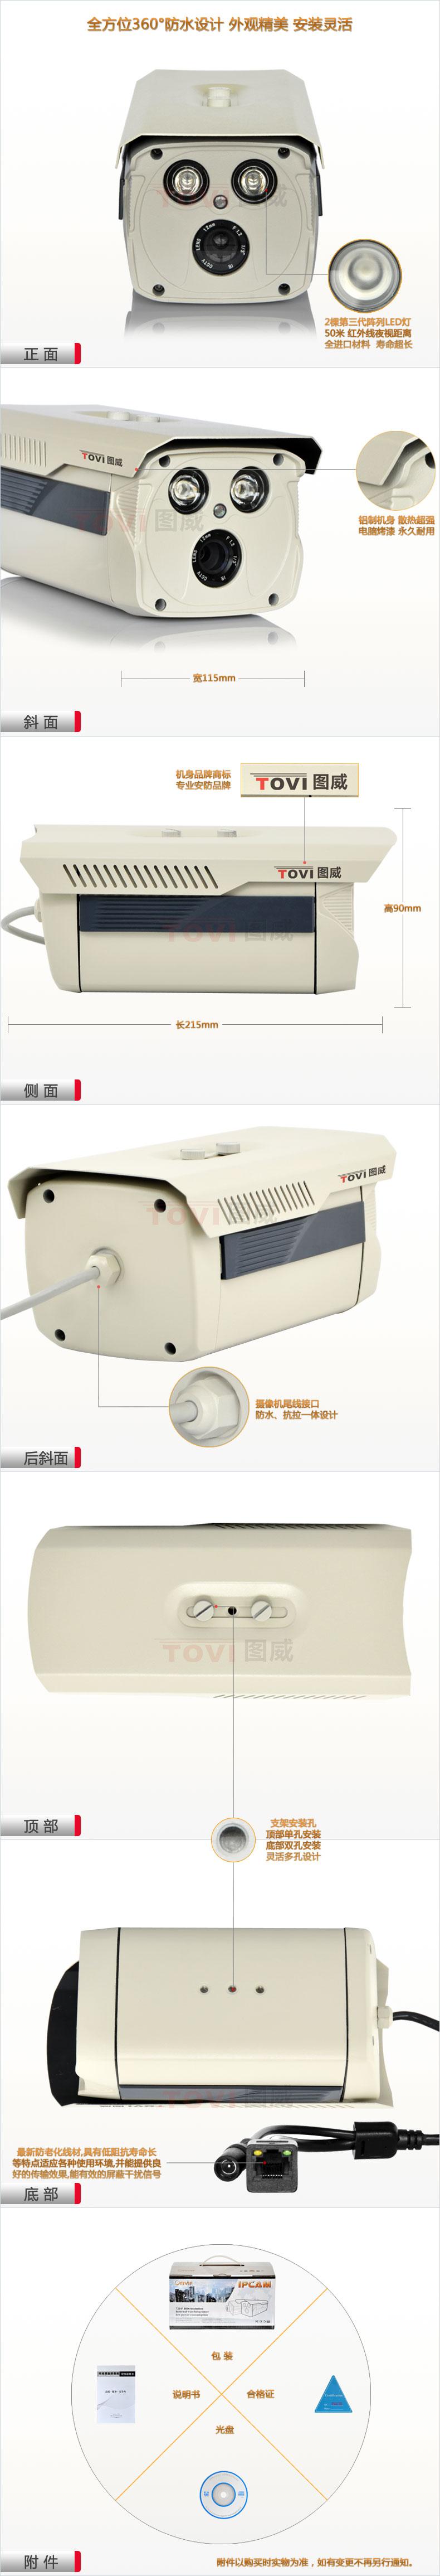 图威TV-CC6110-IT5网络摄像机展示